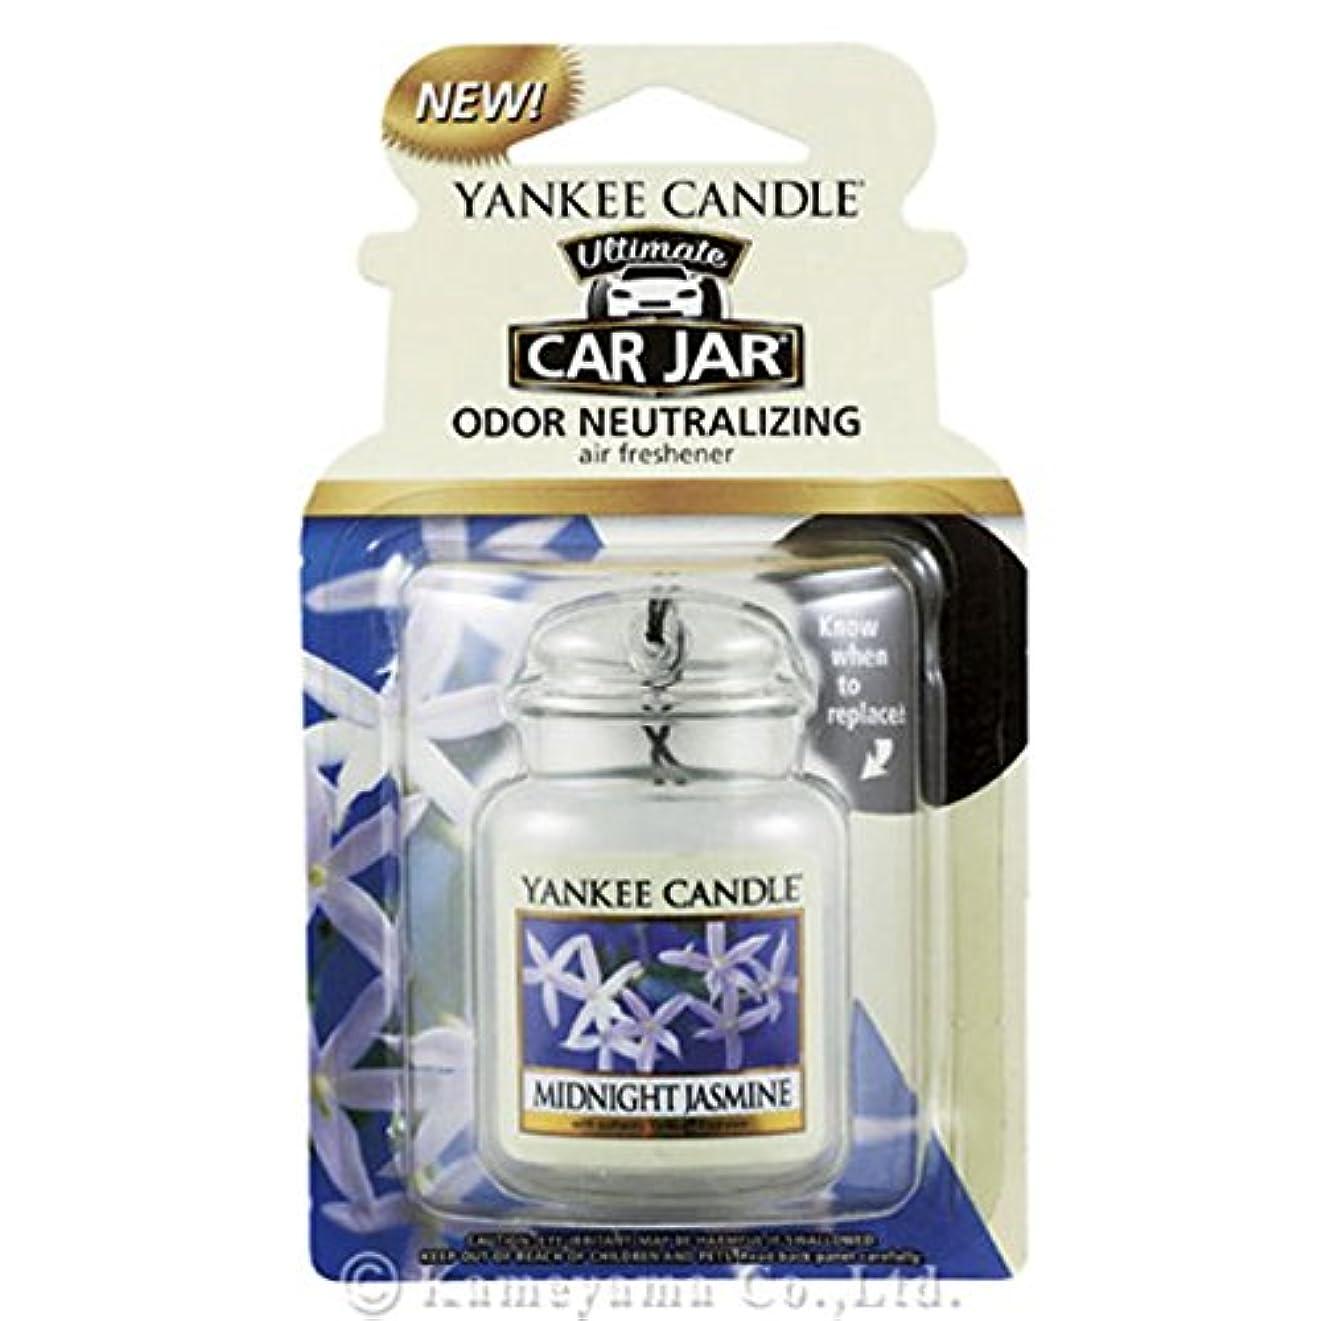 甘味リテラシー自動的にヤンキーキャンドル 正規品 YCネオカージャー ジャスミン (YK3230569 4901435868172)